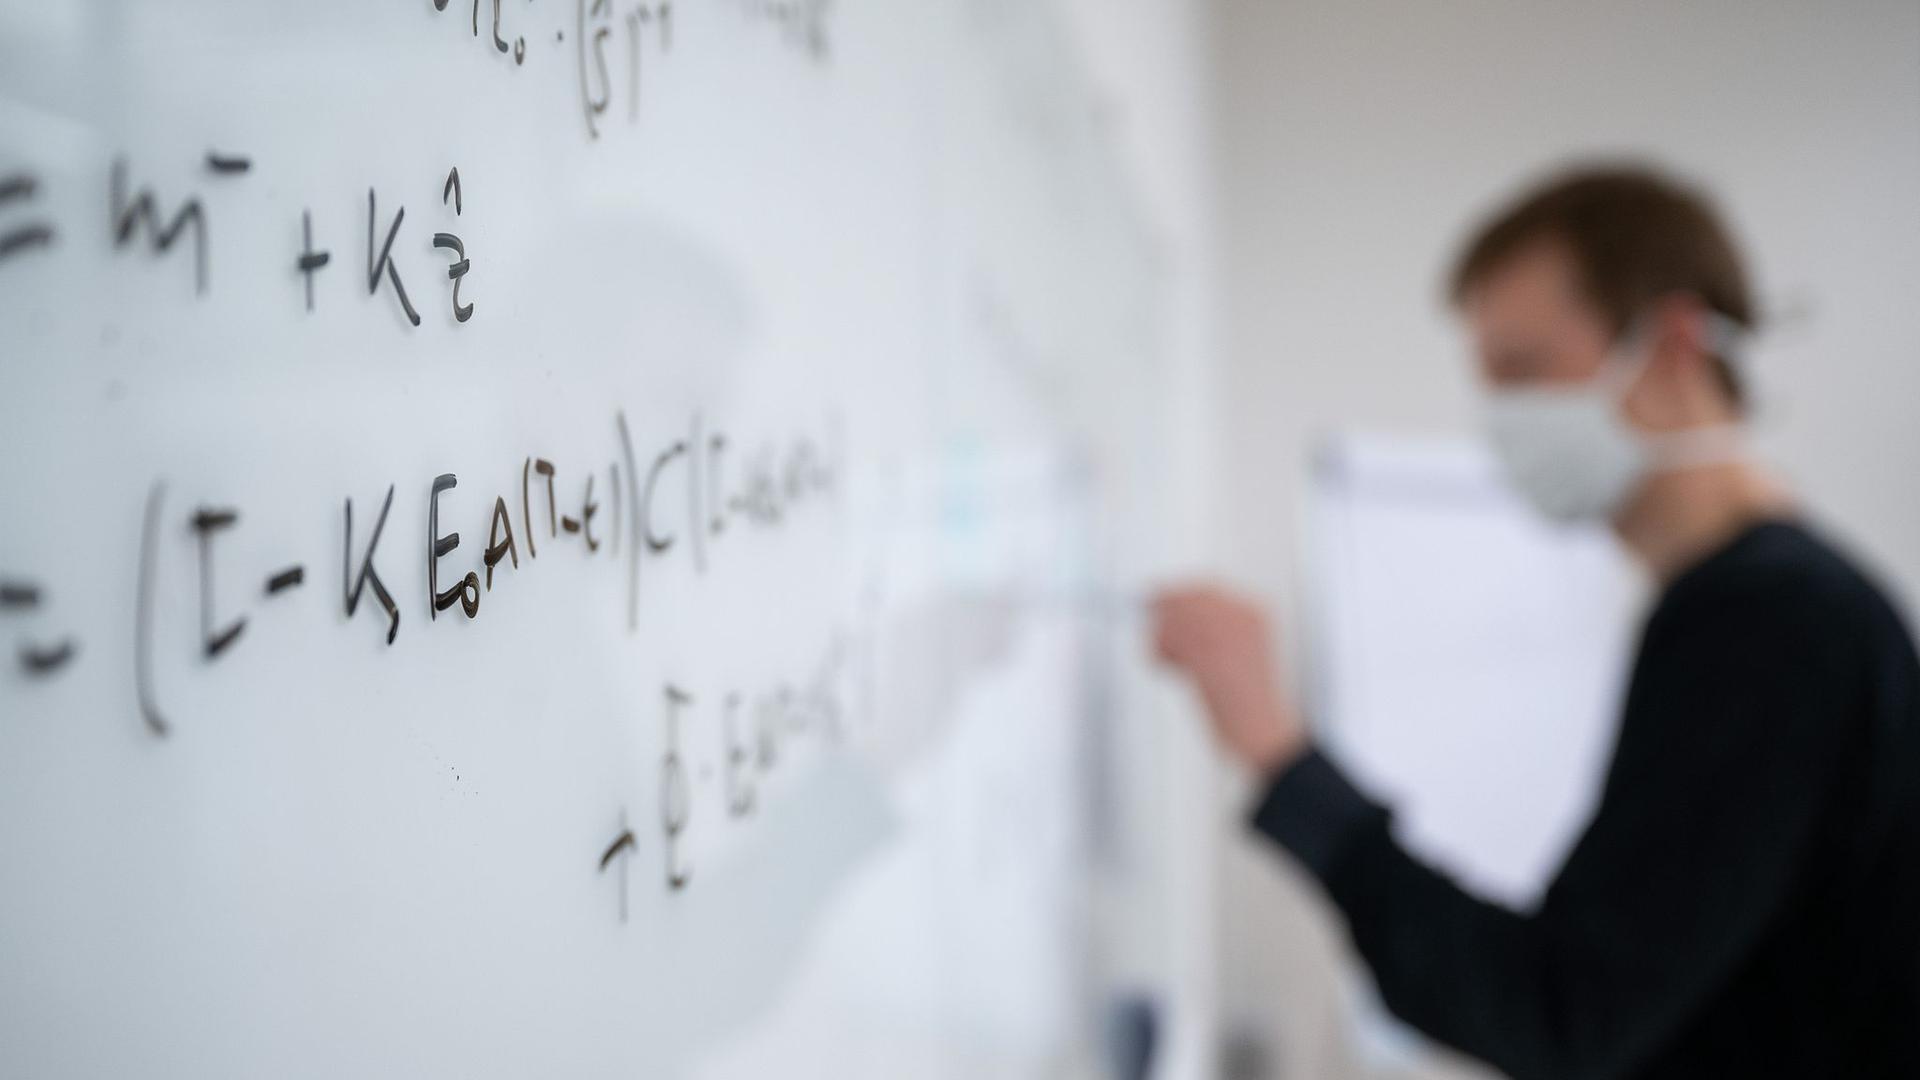 Mathematische Formeln werden in der Universität Tübingen an ein Whiteboard geschrieben.